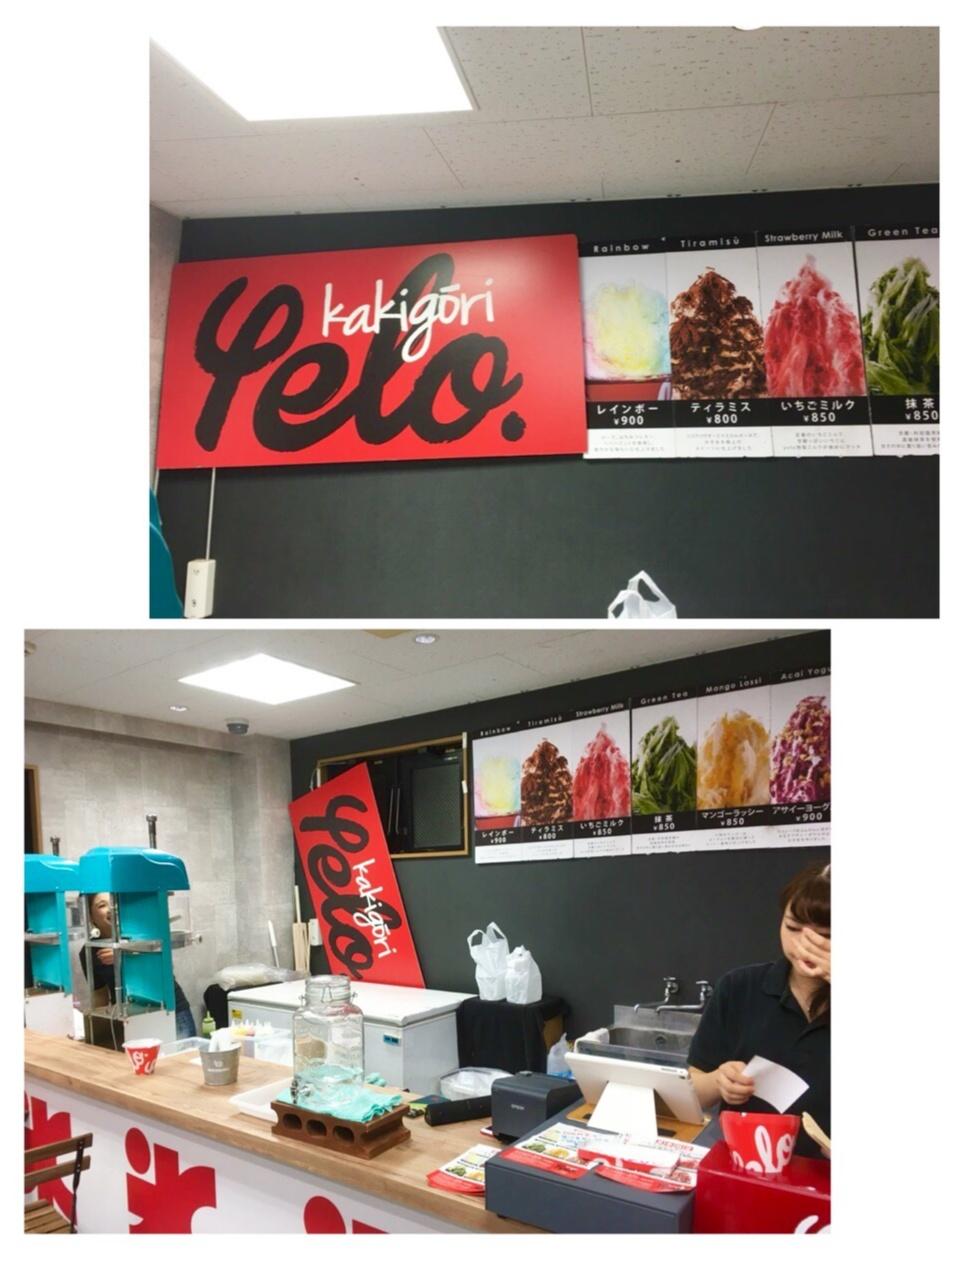 ♡人気カキ氷【yelo】並ばずに入れちゃう穴場の店舗を発見!!♡モアハピ◡̈のぞみ♡_6